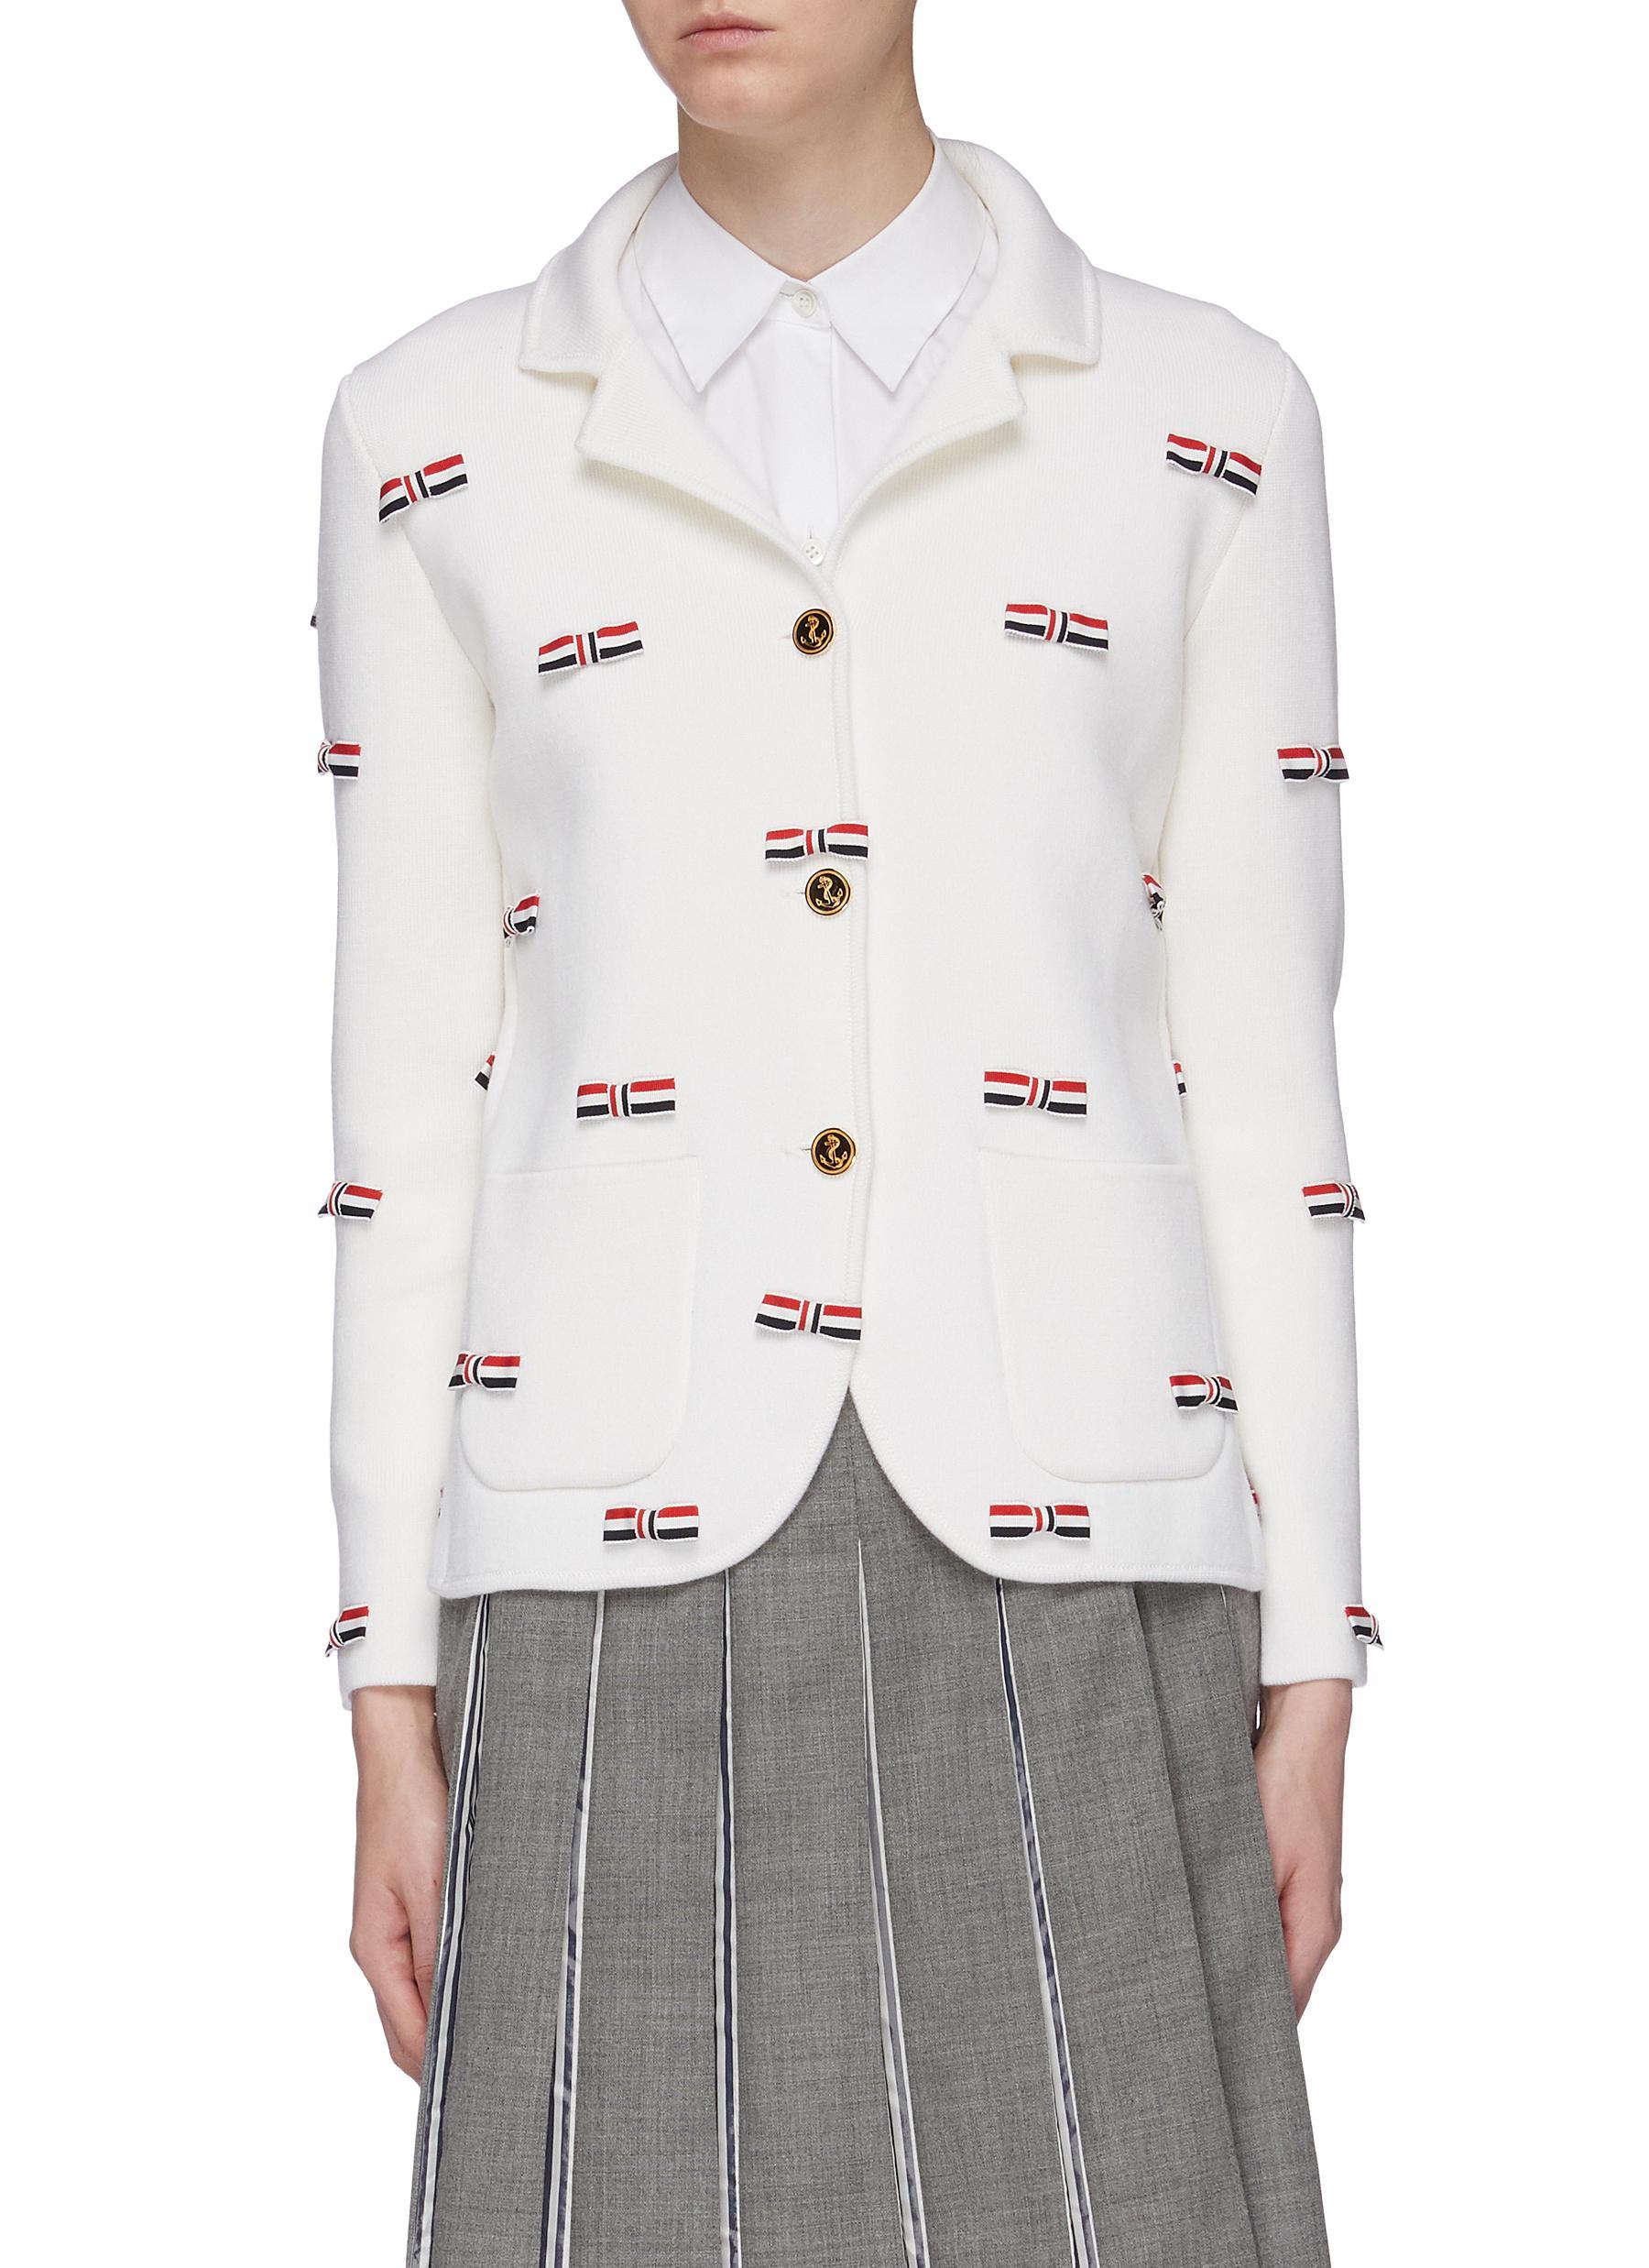 Stripe bow appliqué wool knit blazer by Thom Browne